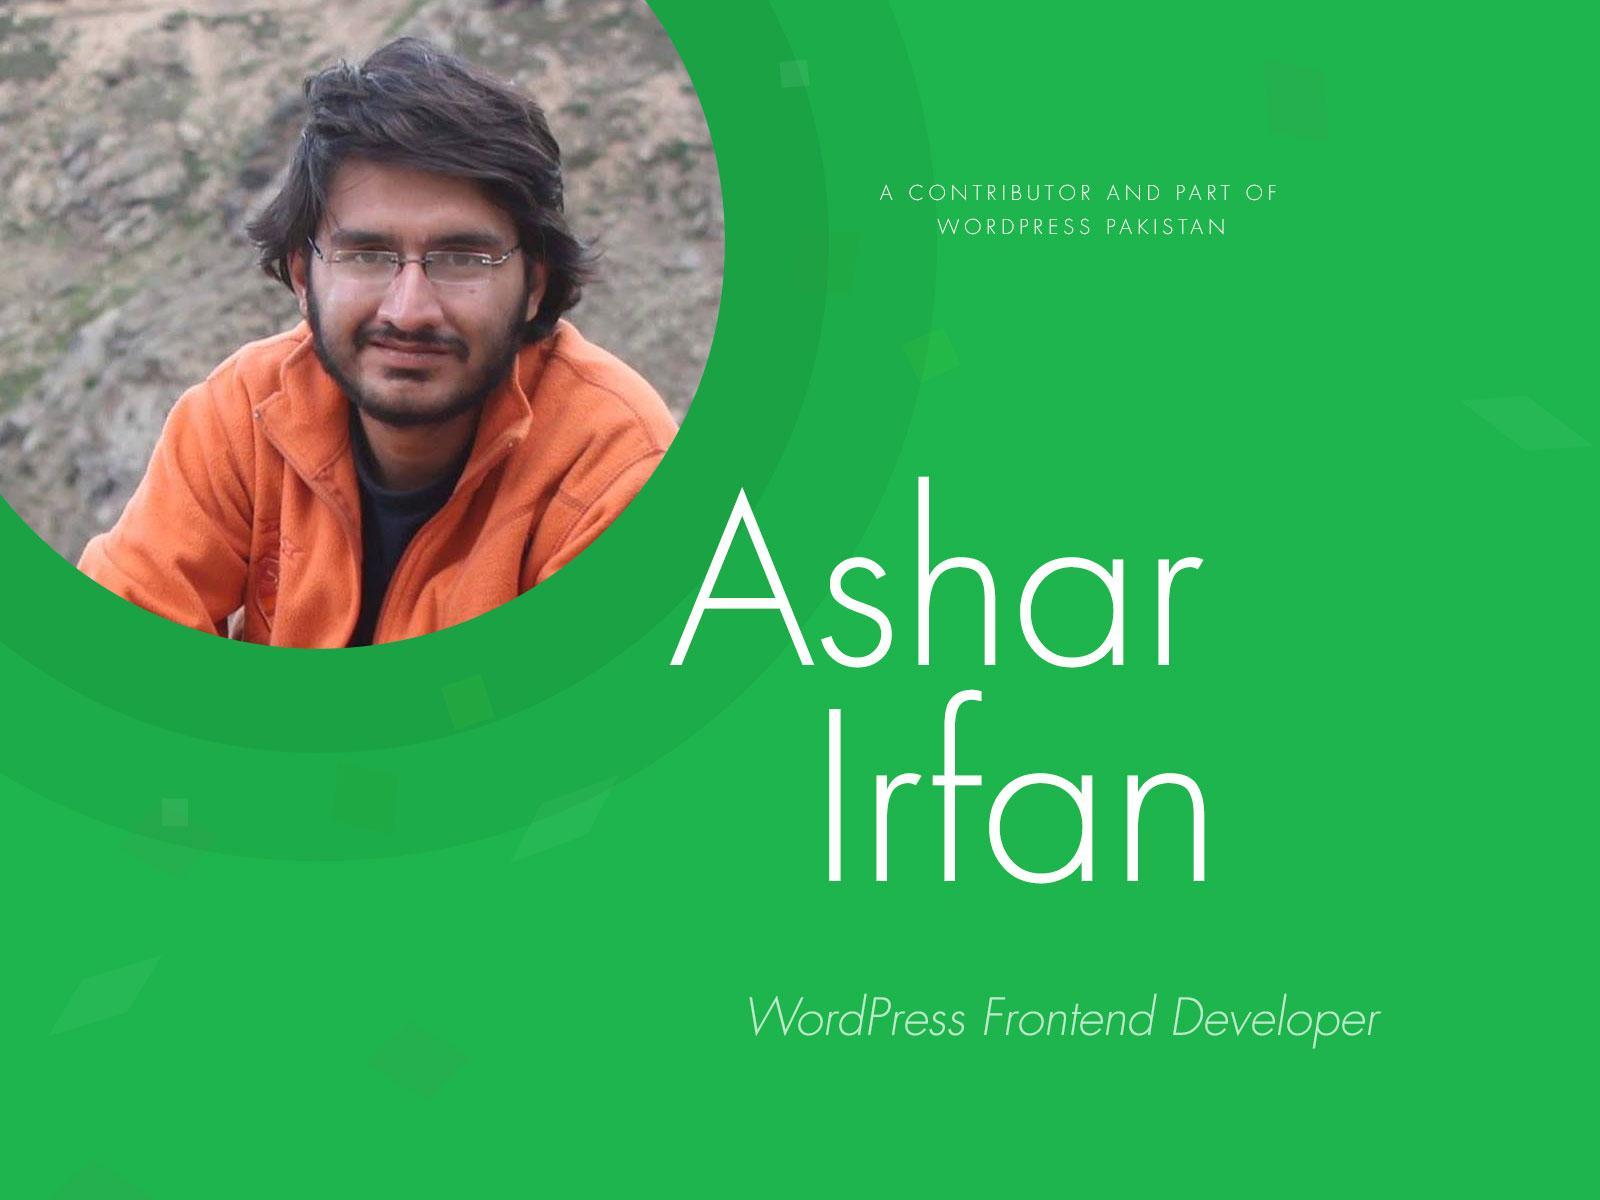 WPPK-Ashar-Irfan